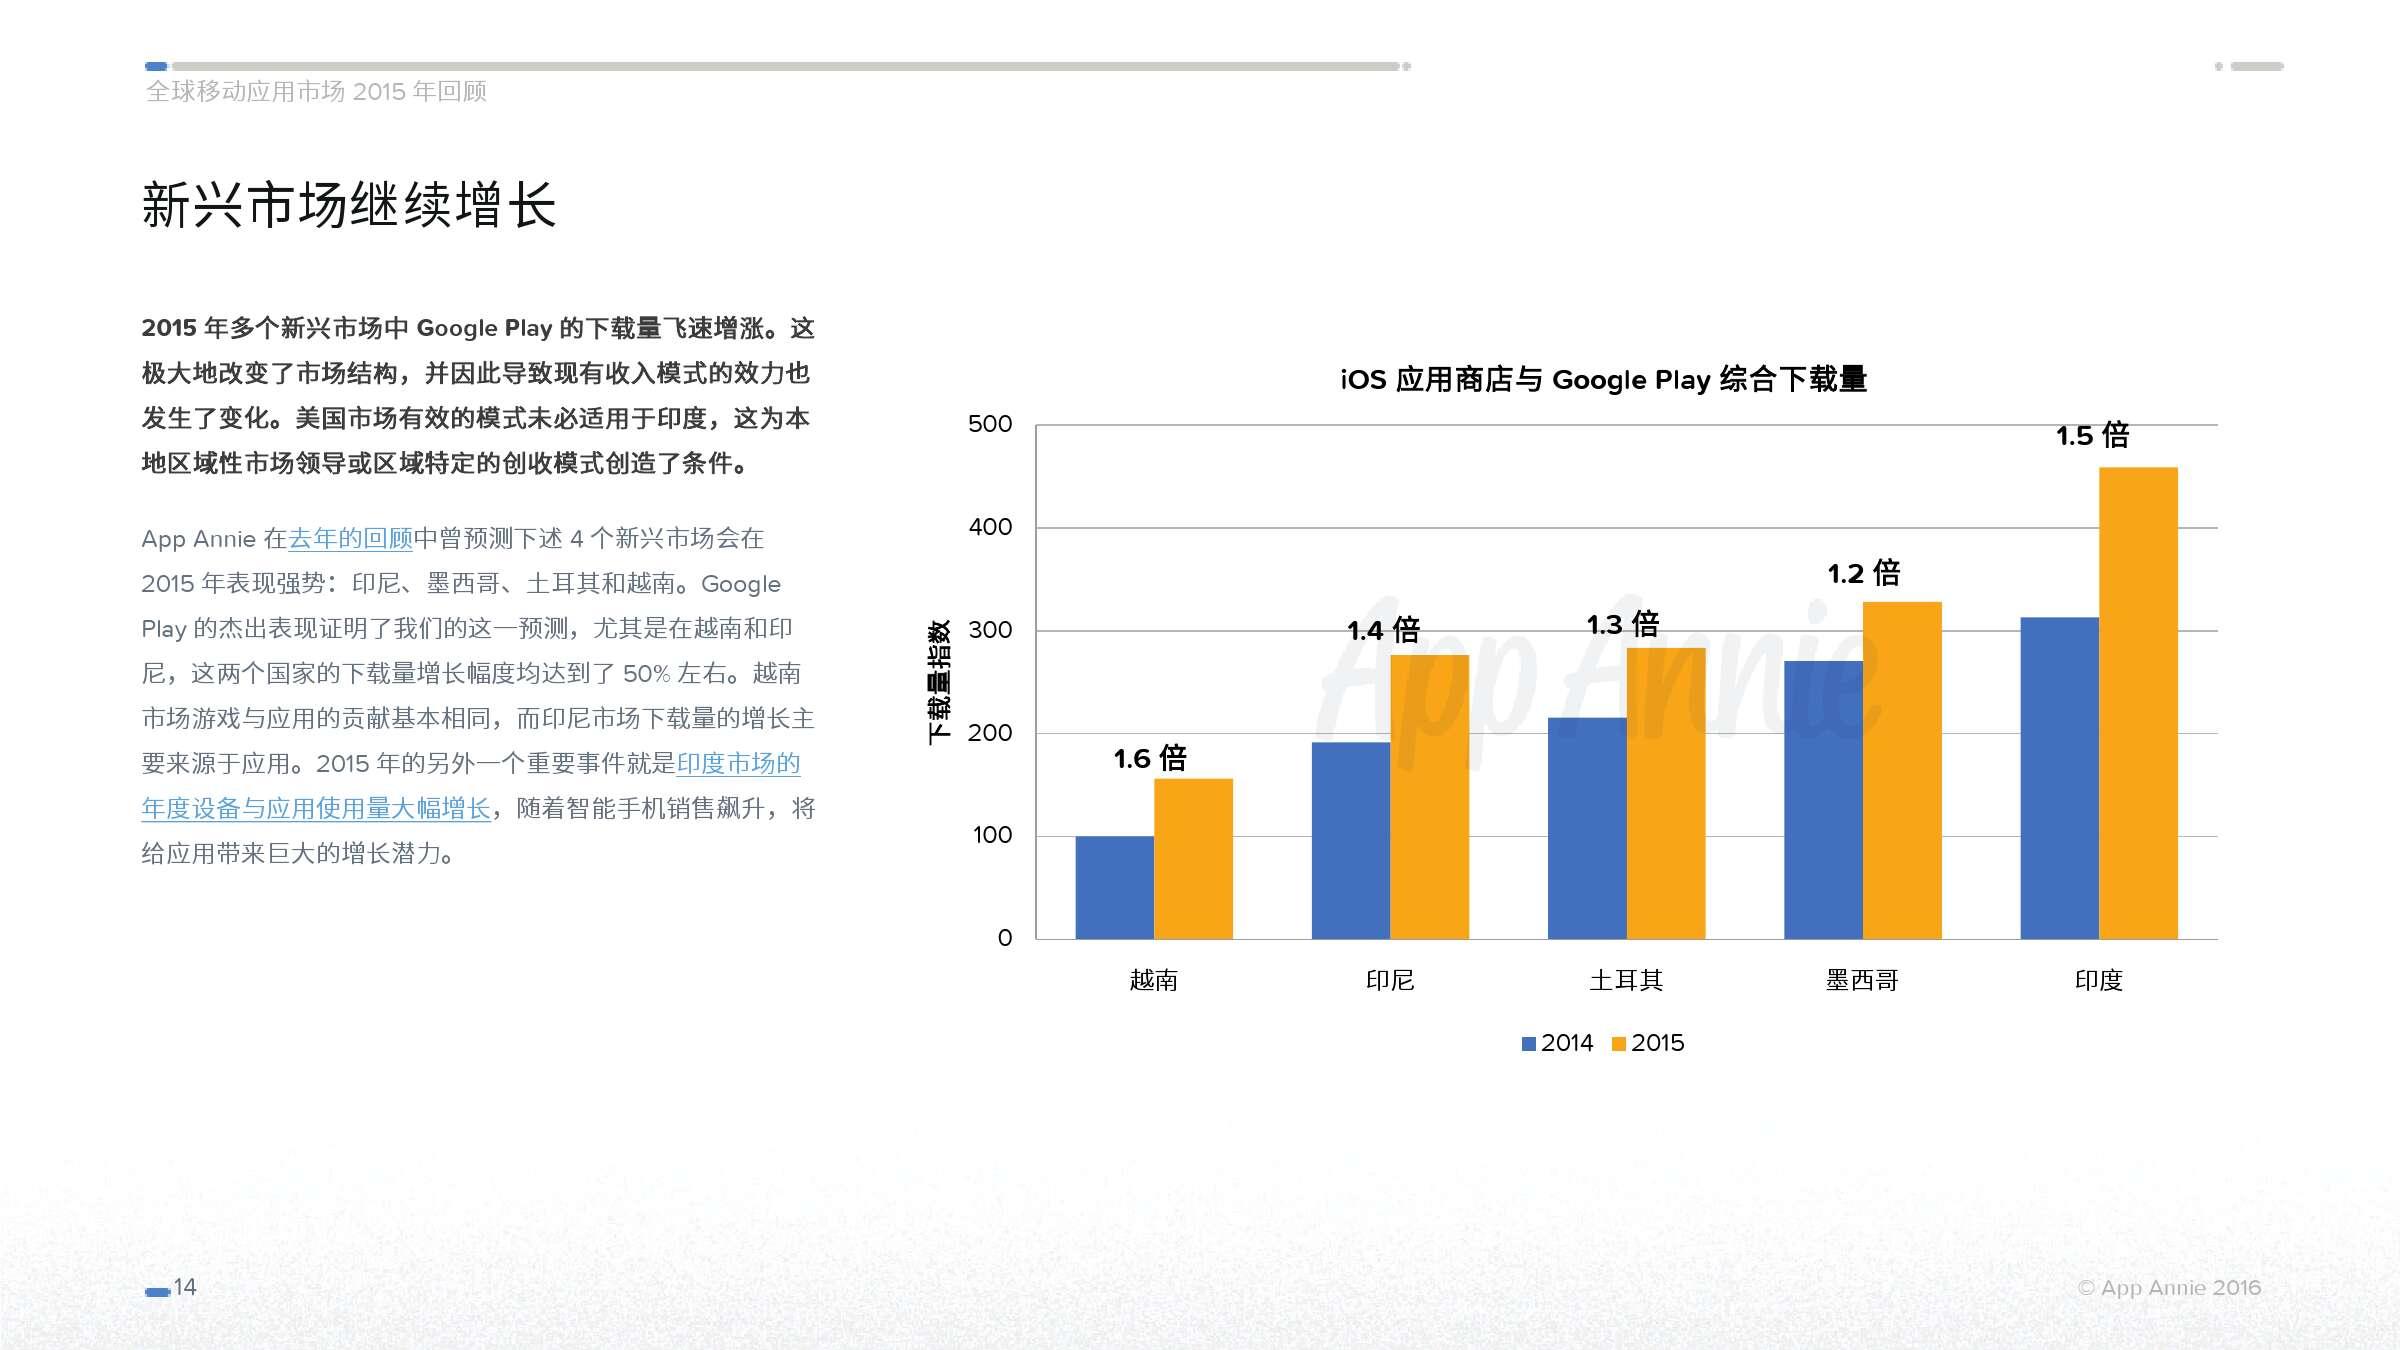 App Annie 全球移动应用市场 2015 年回顾_000014